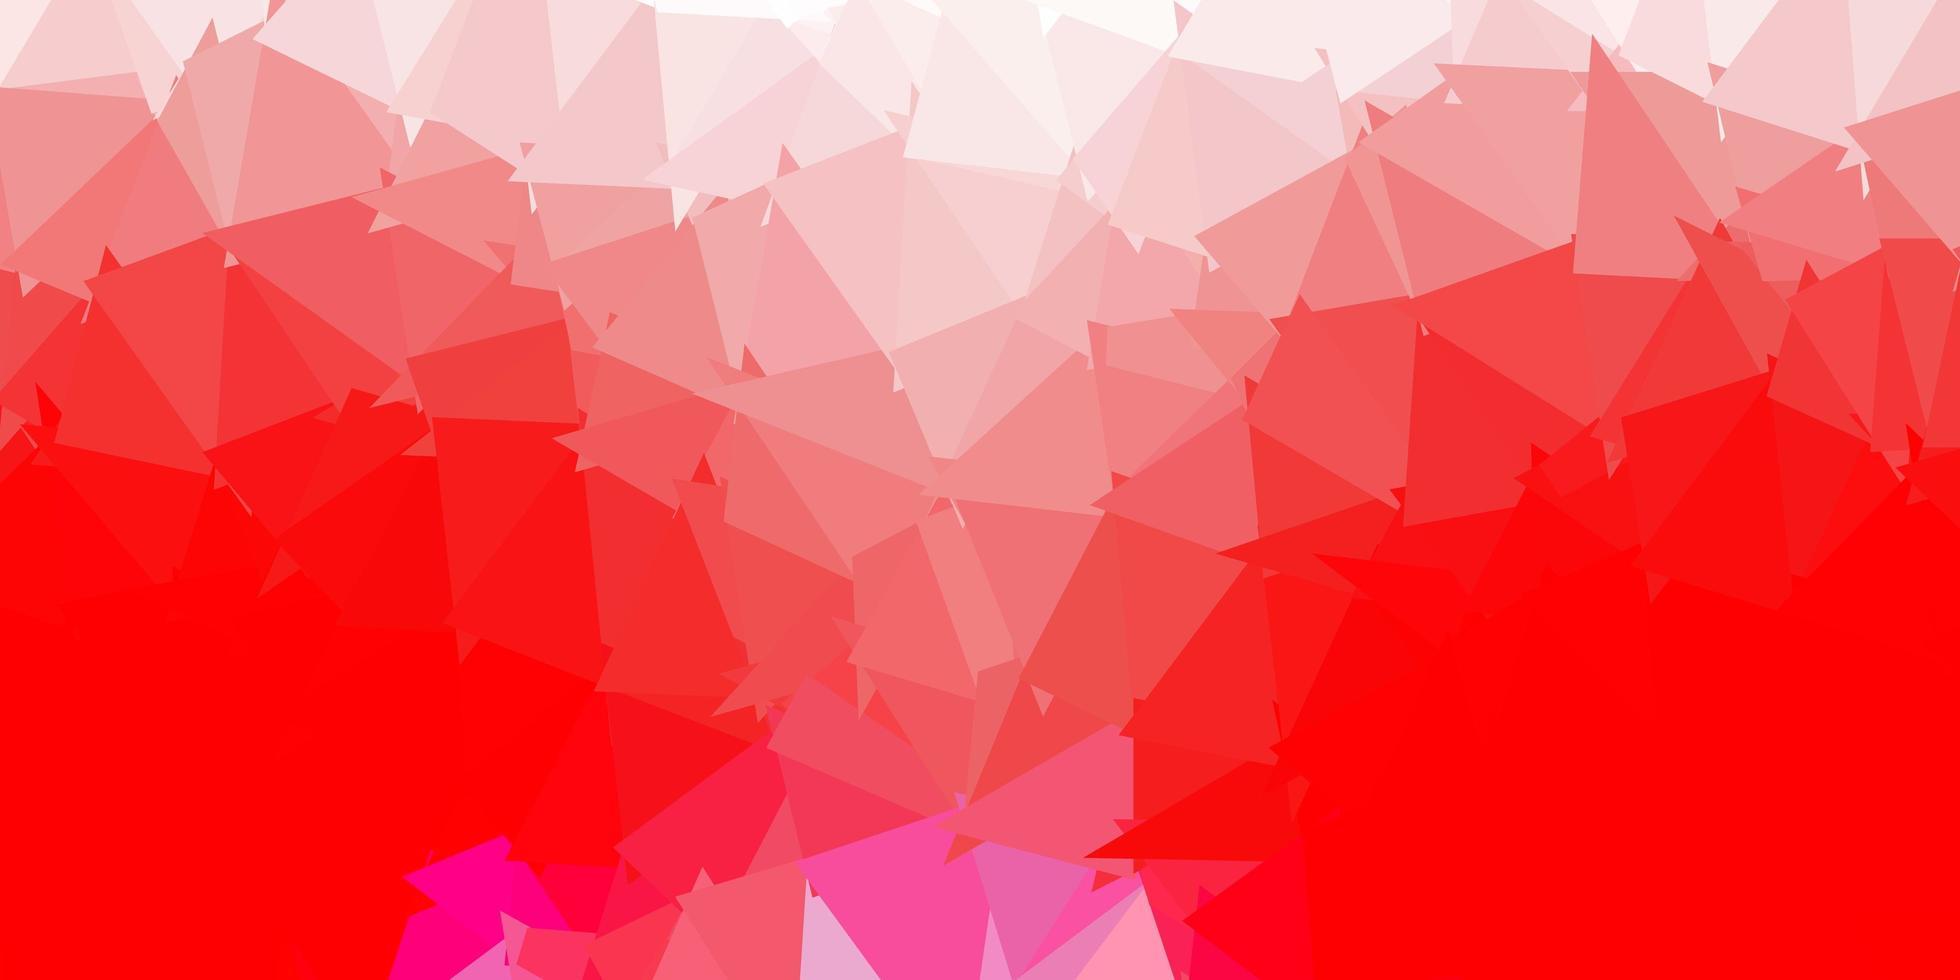 fond d'écran polygonale géométrique rouge clair. vecteur